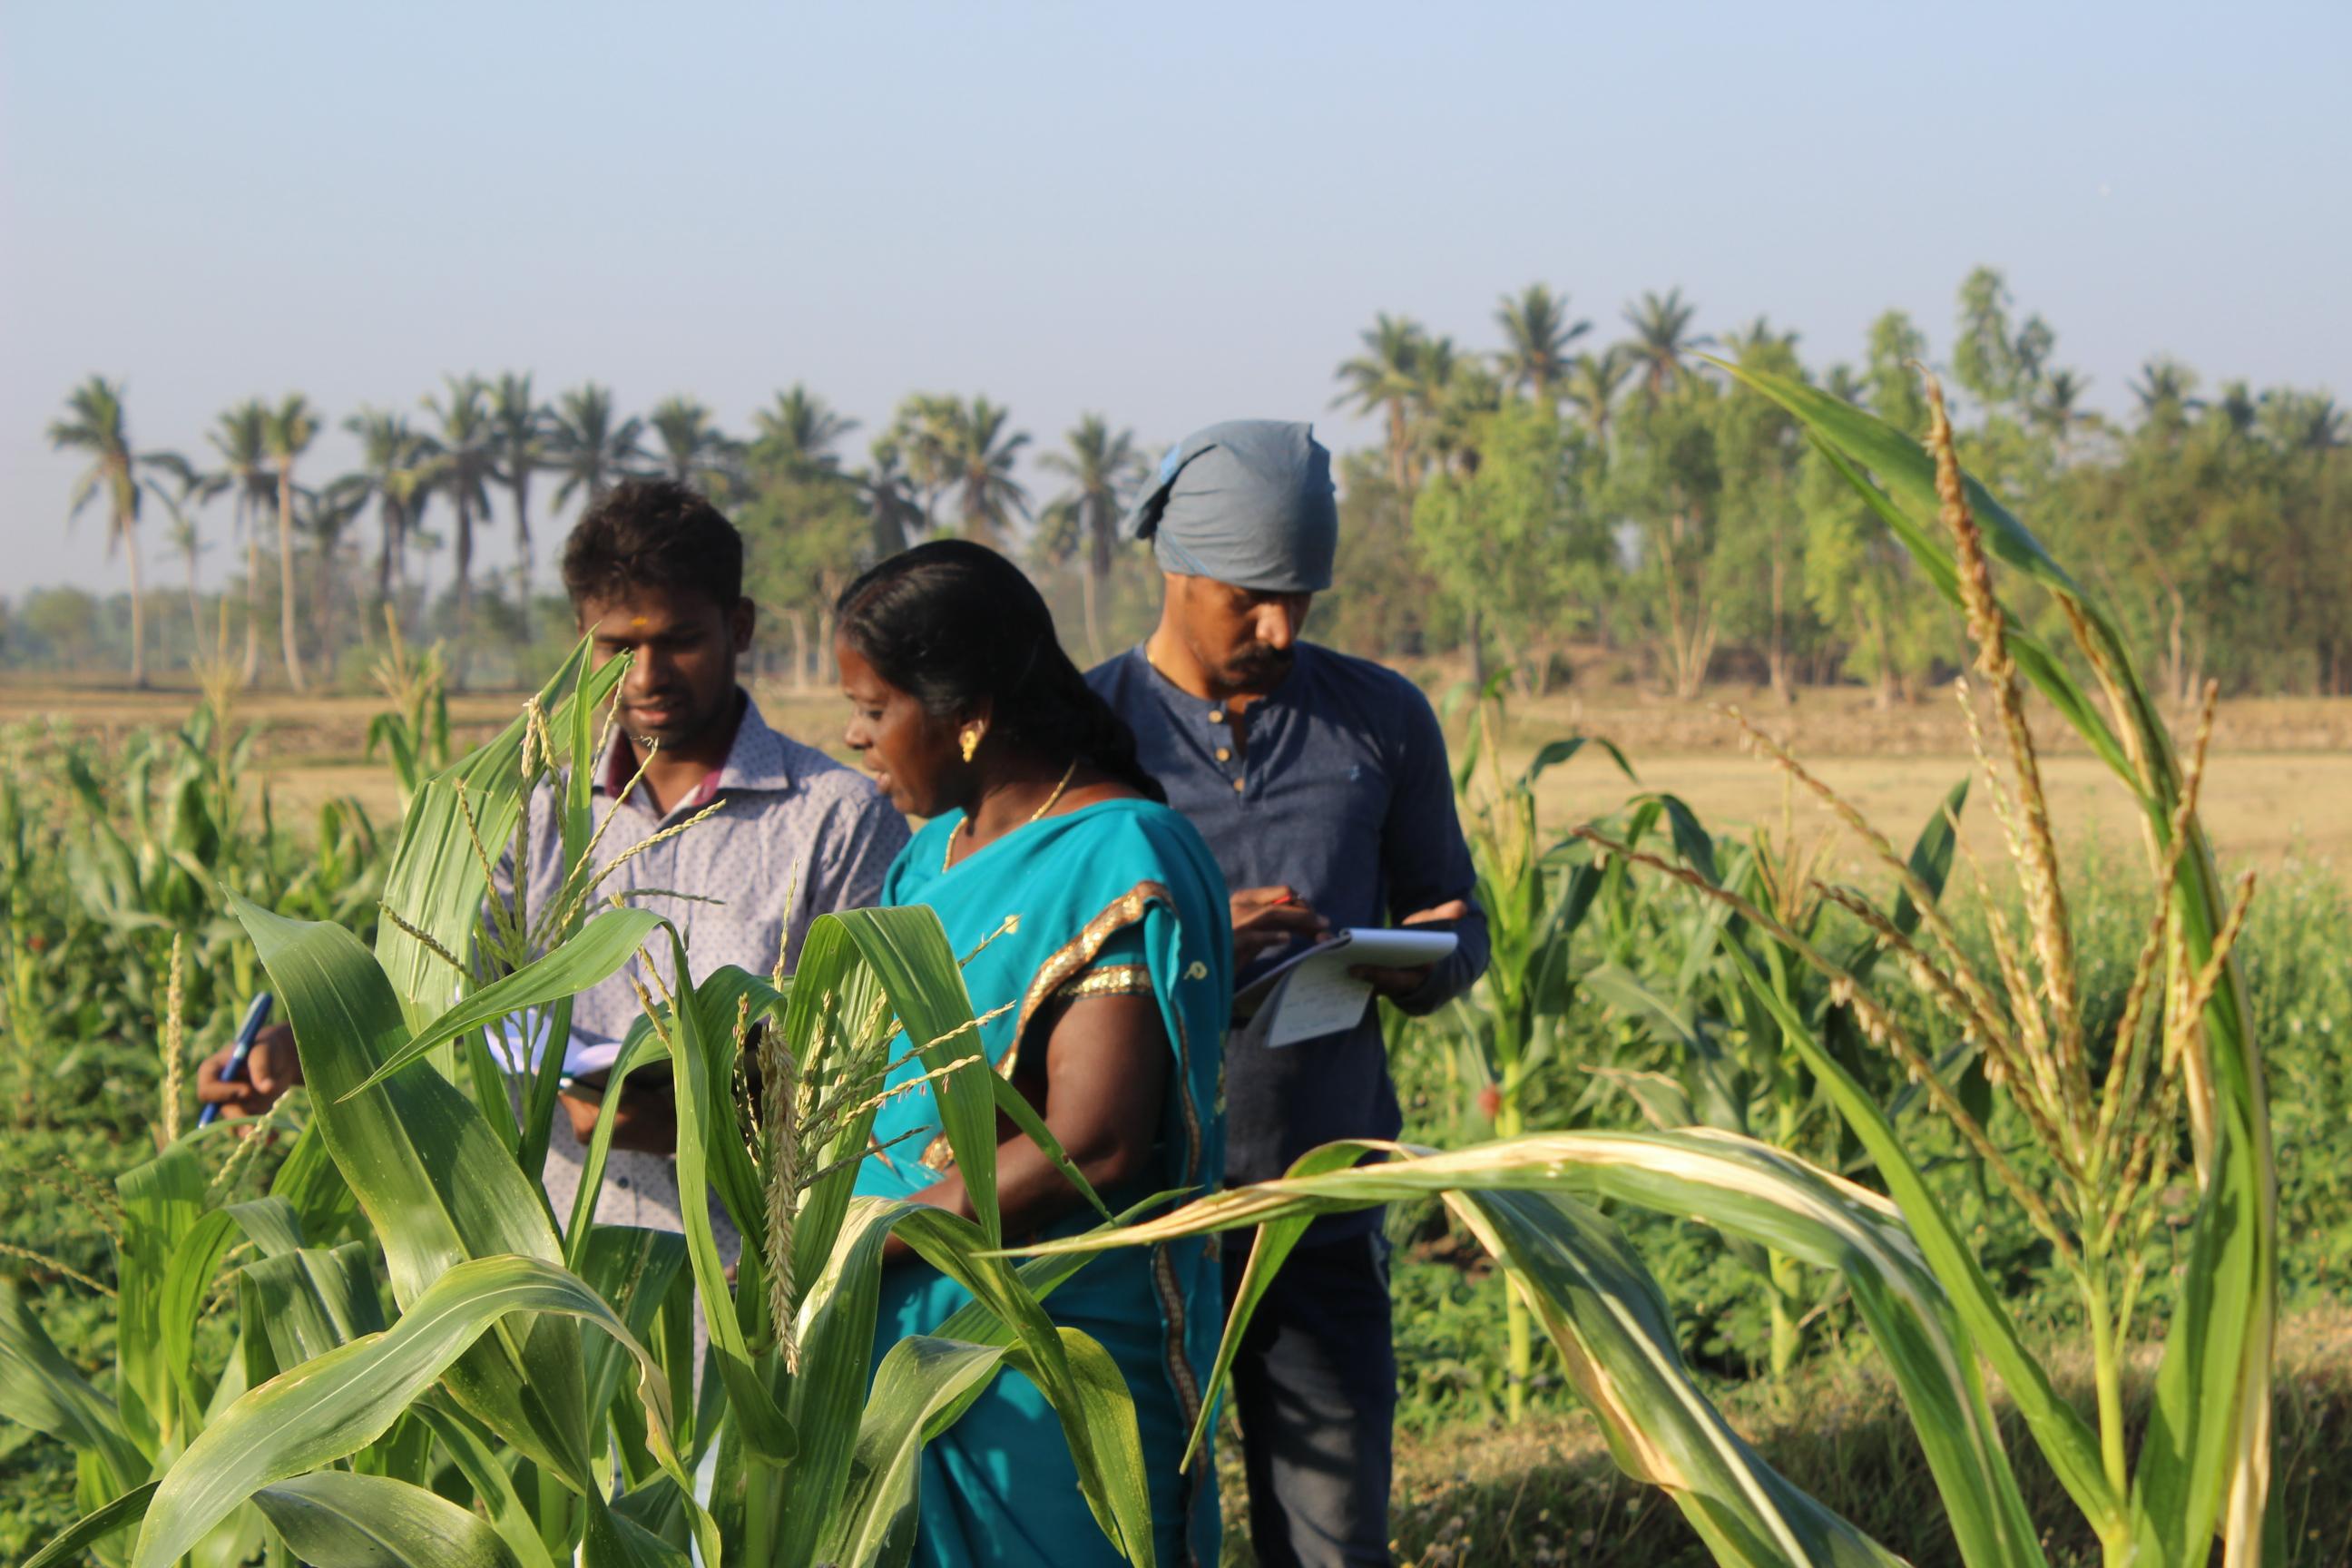 Tre indiska bönder under en kurs i ekologiskt jordbruk anordnad av Kudumbam. Fotograf: Saralinn Wallin & Lovisa Åstrand.